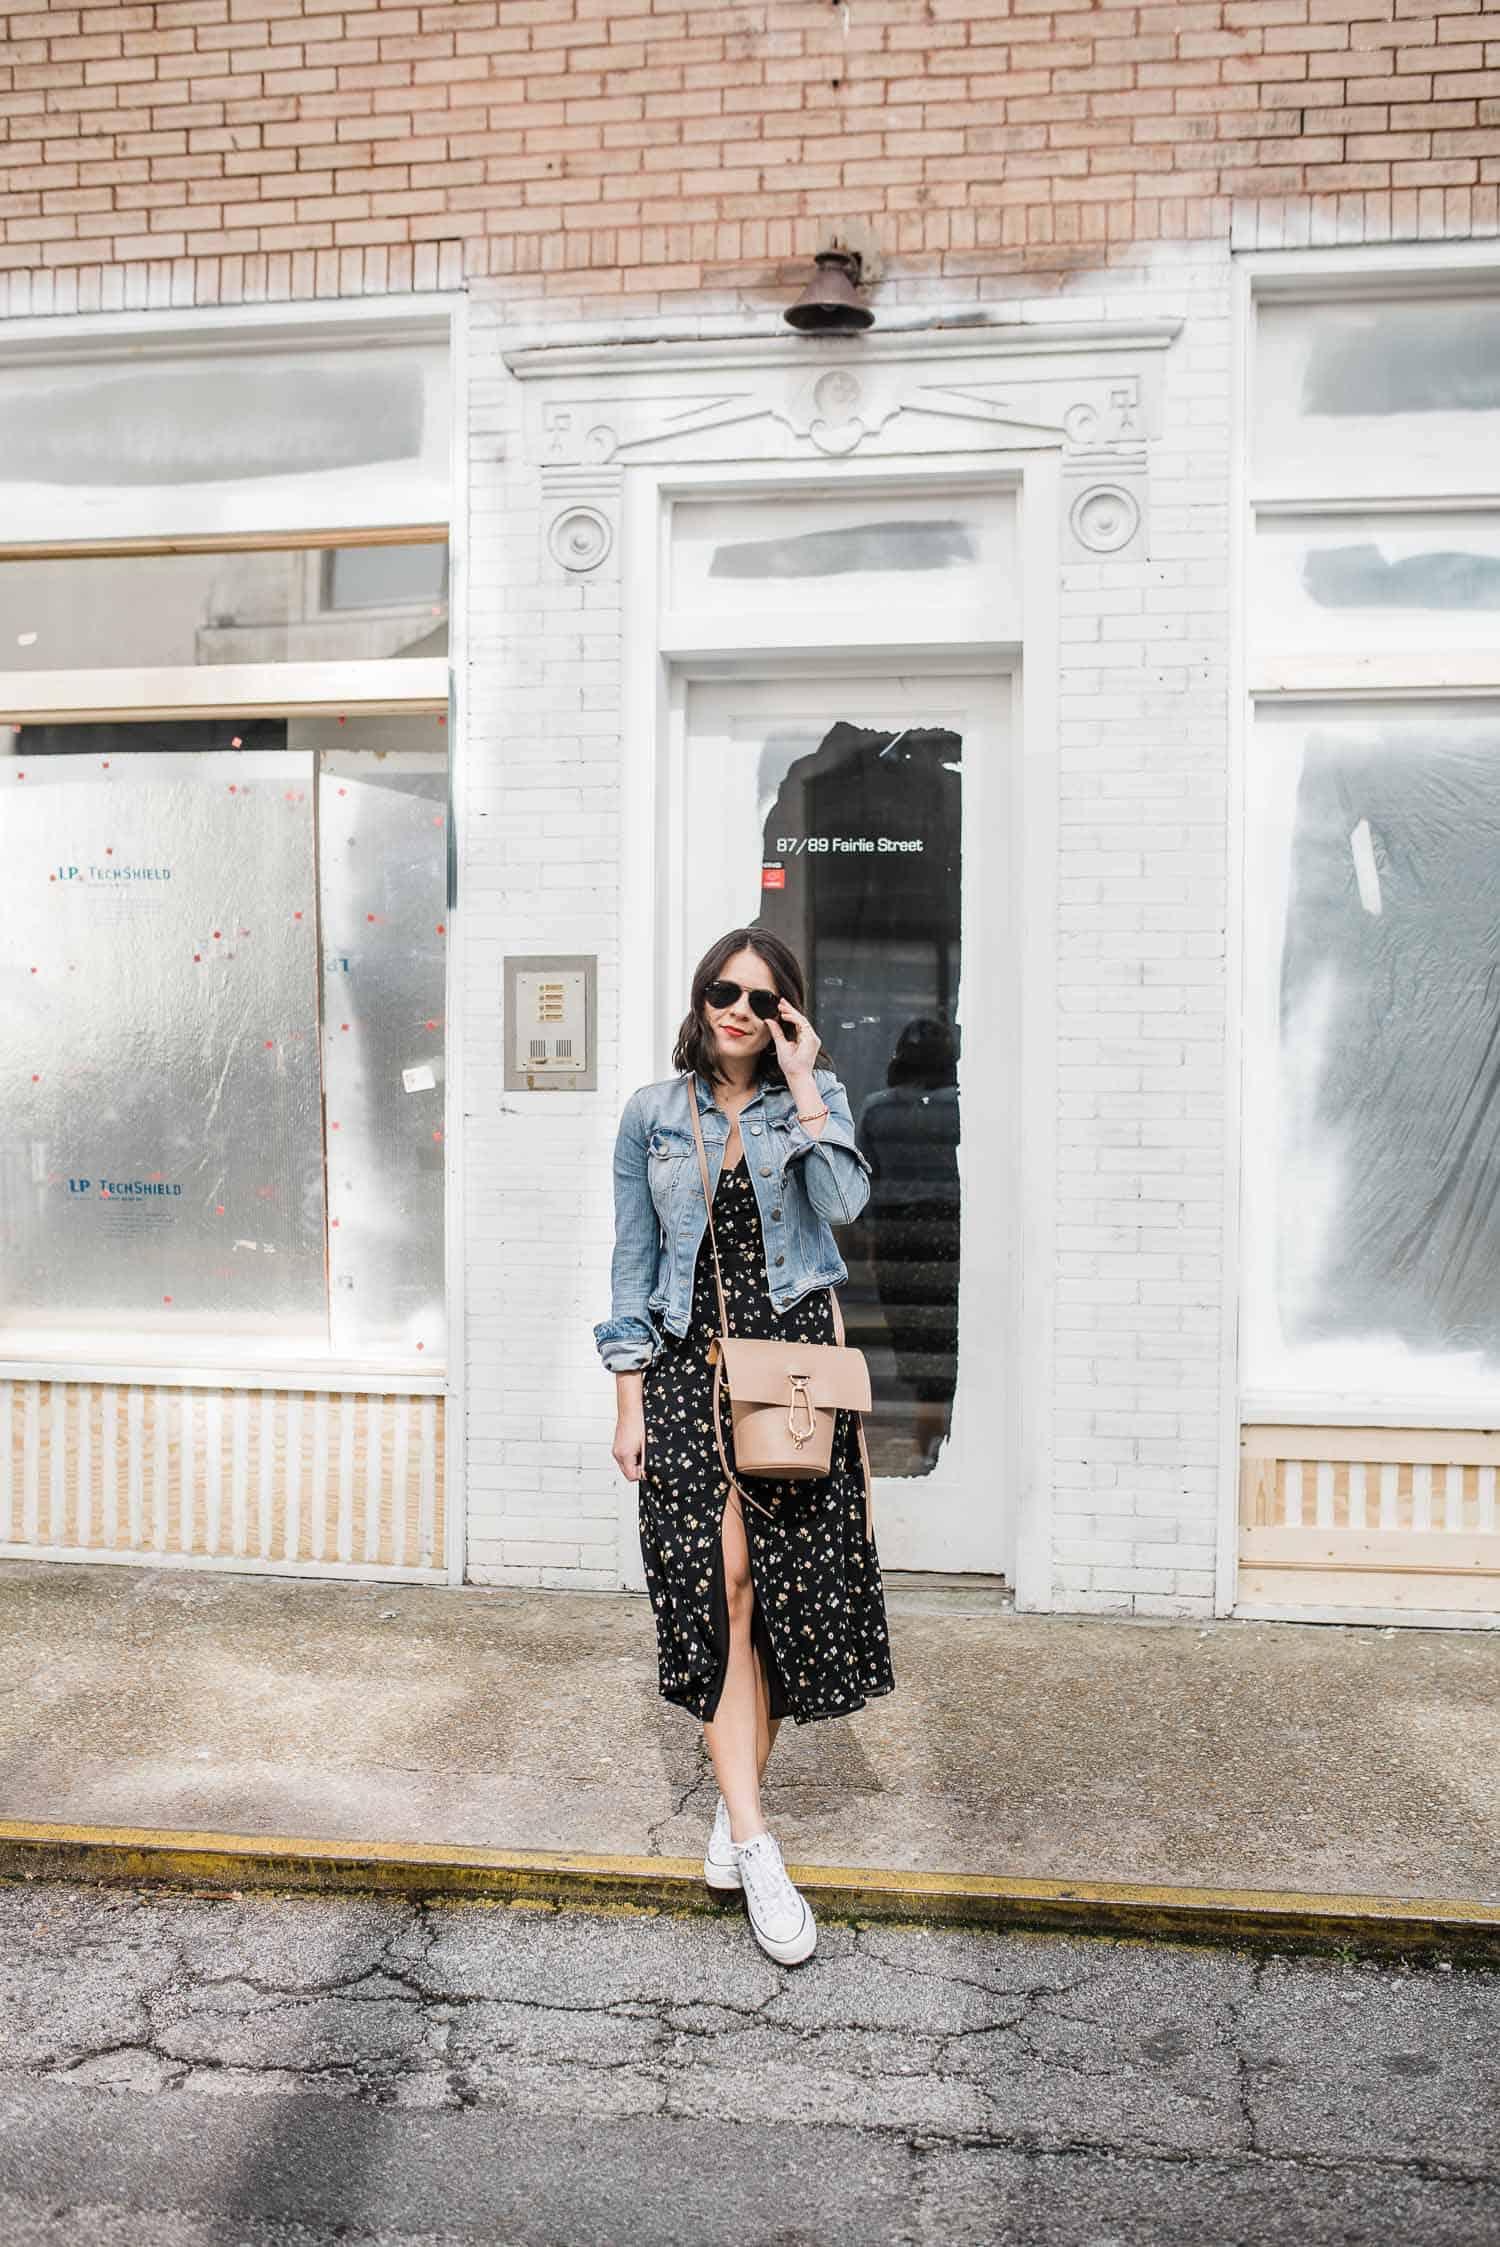 floral dress and denim jacket for summer